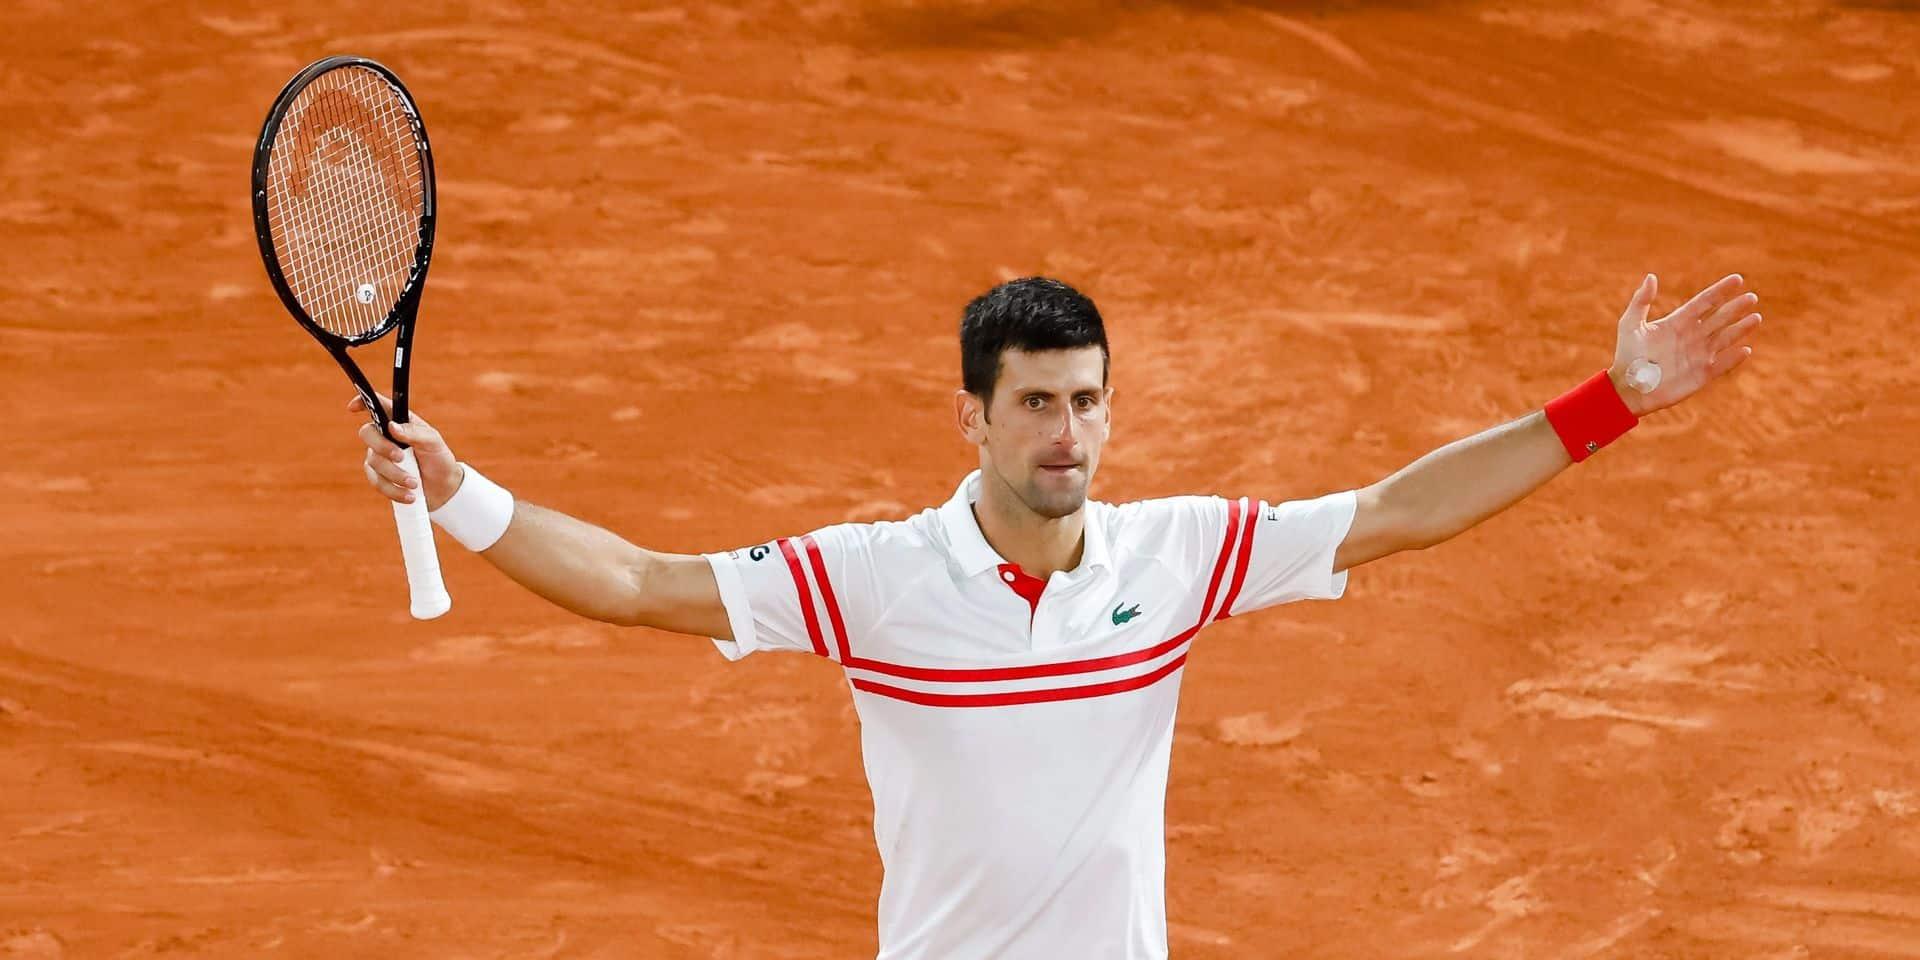 """Djokovic ne part pas gagnant face à Tsitsipas: """"Je m'attends à un autre match difficile"""""""